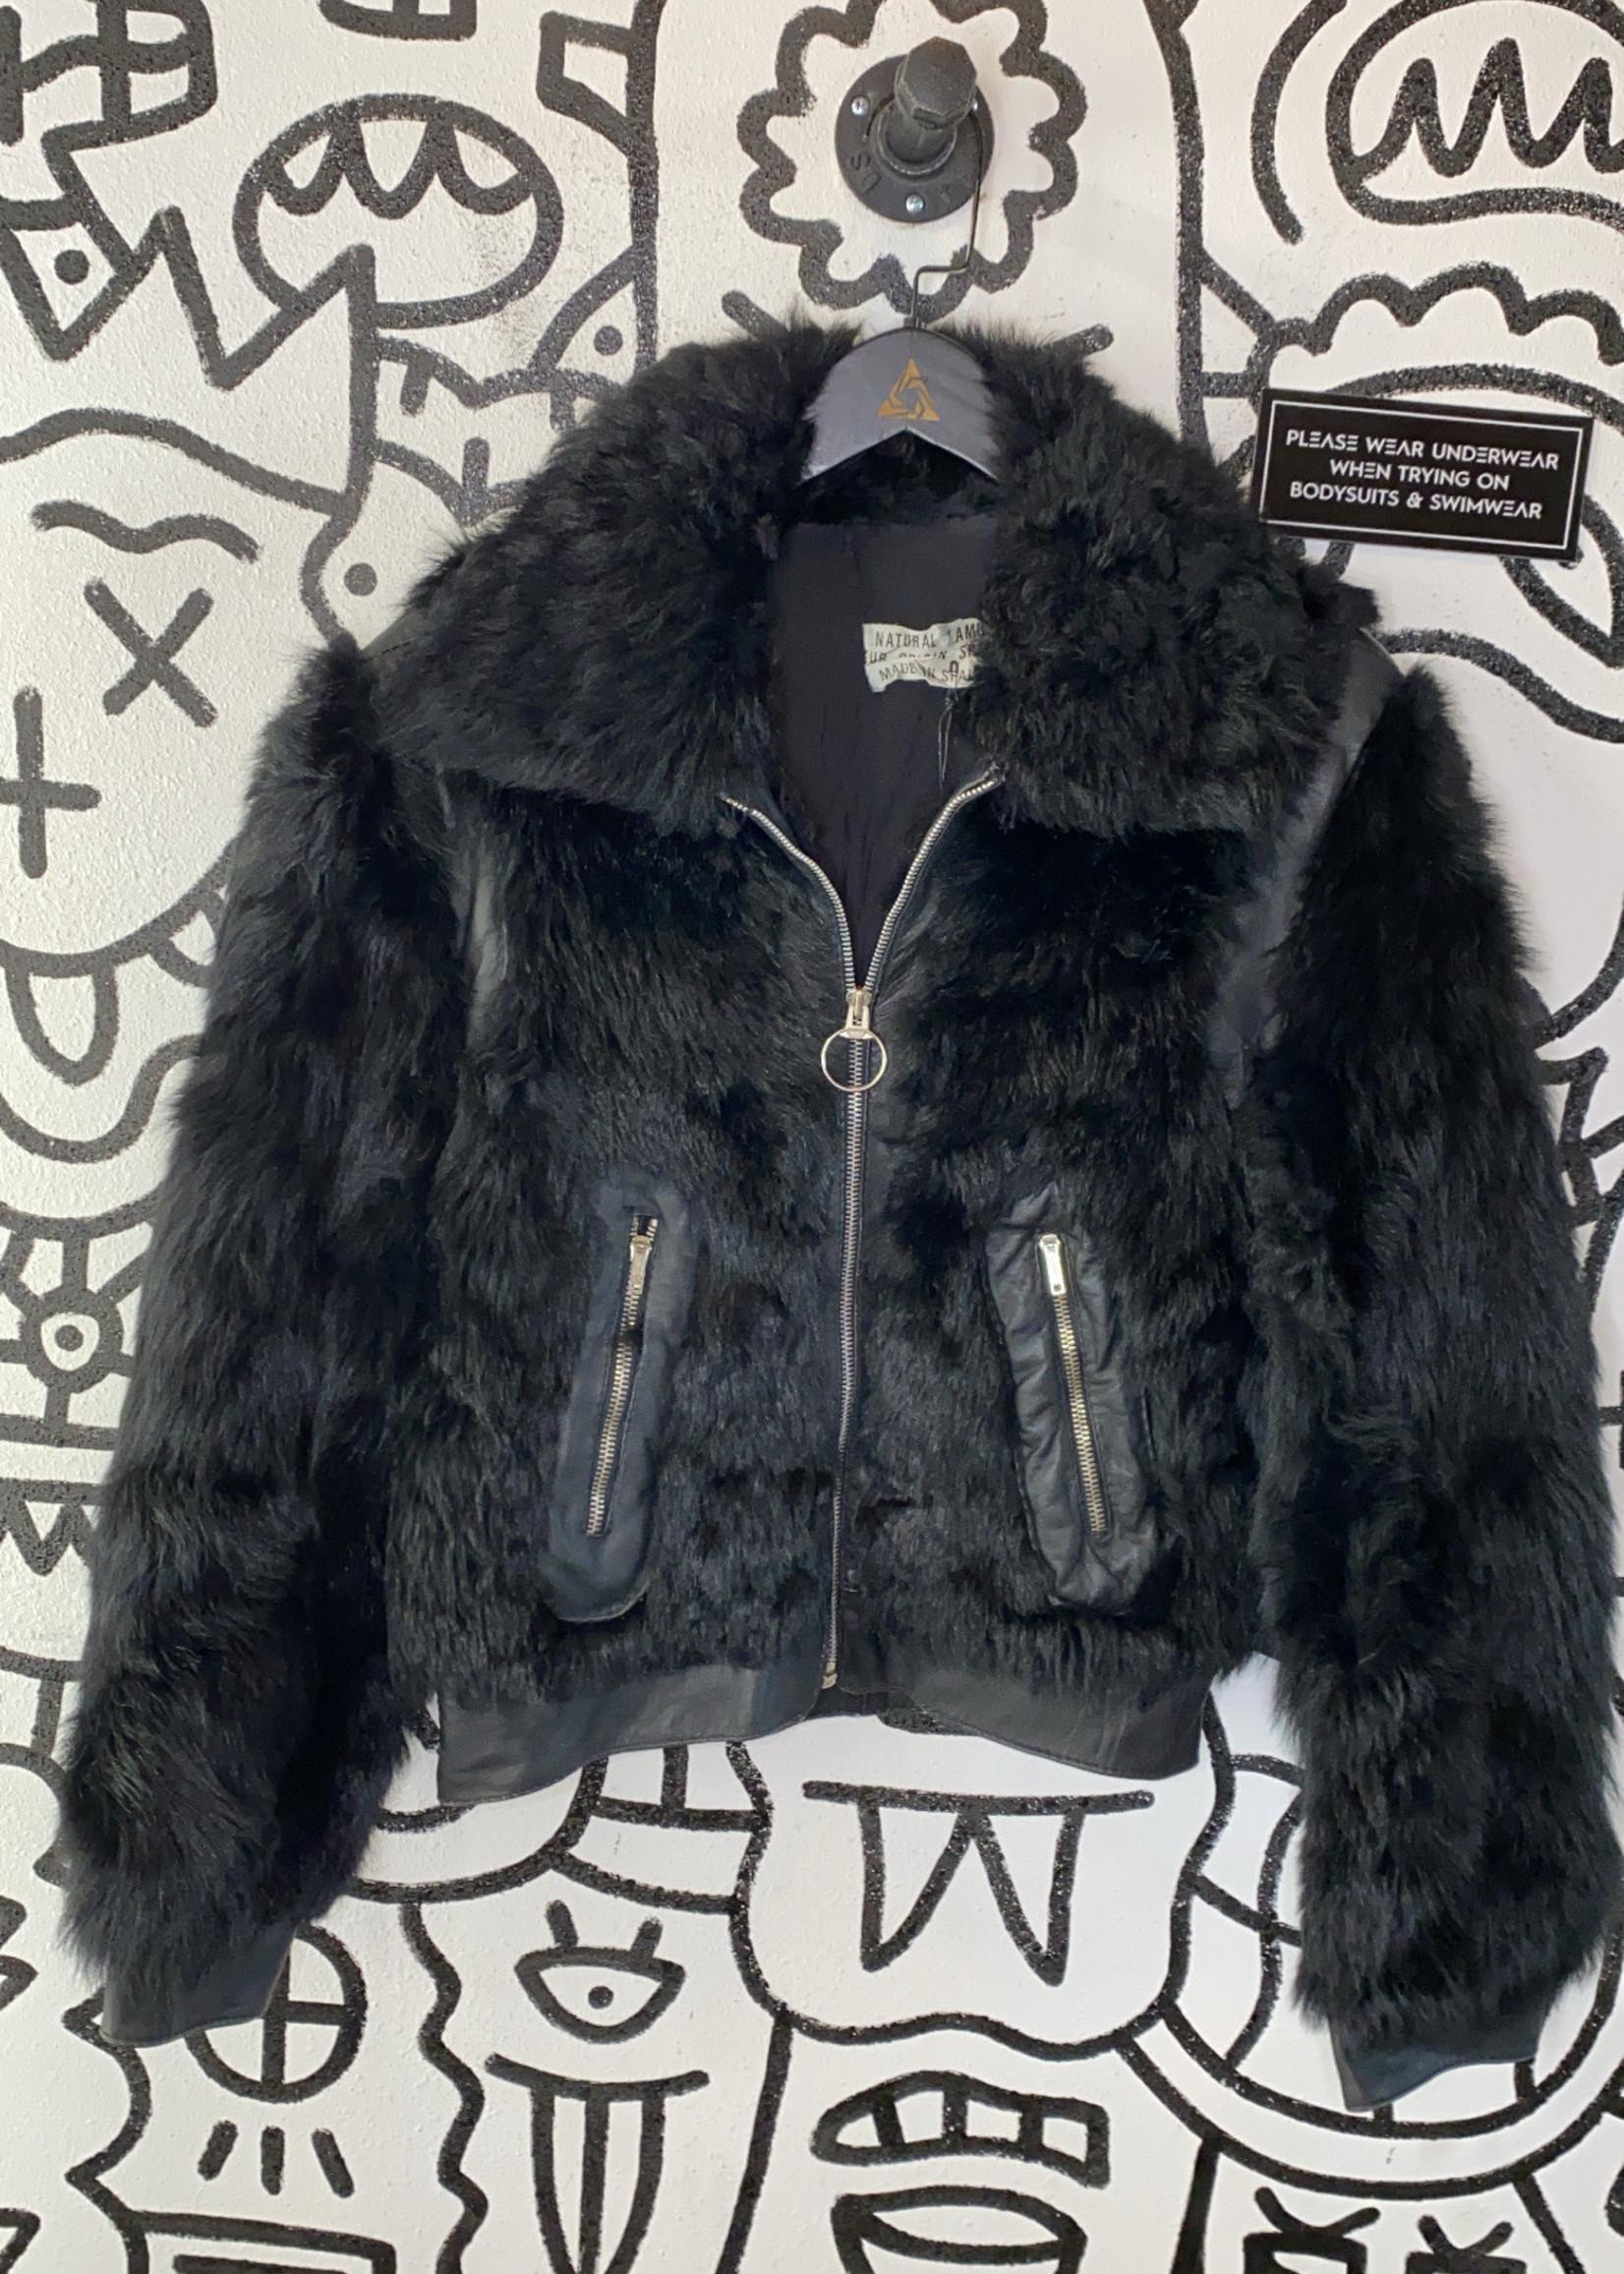 Goya de Espana Vintage Black Lamb Leather Jacket S